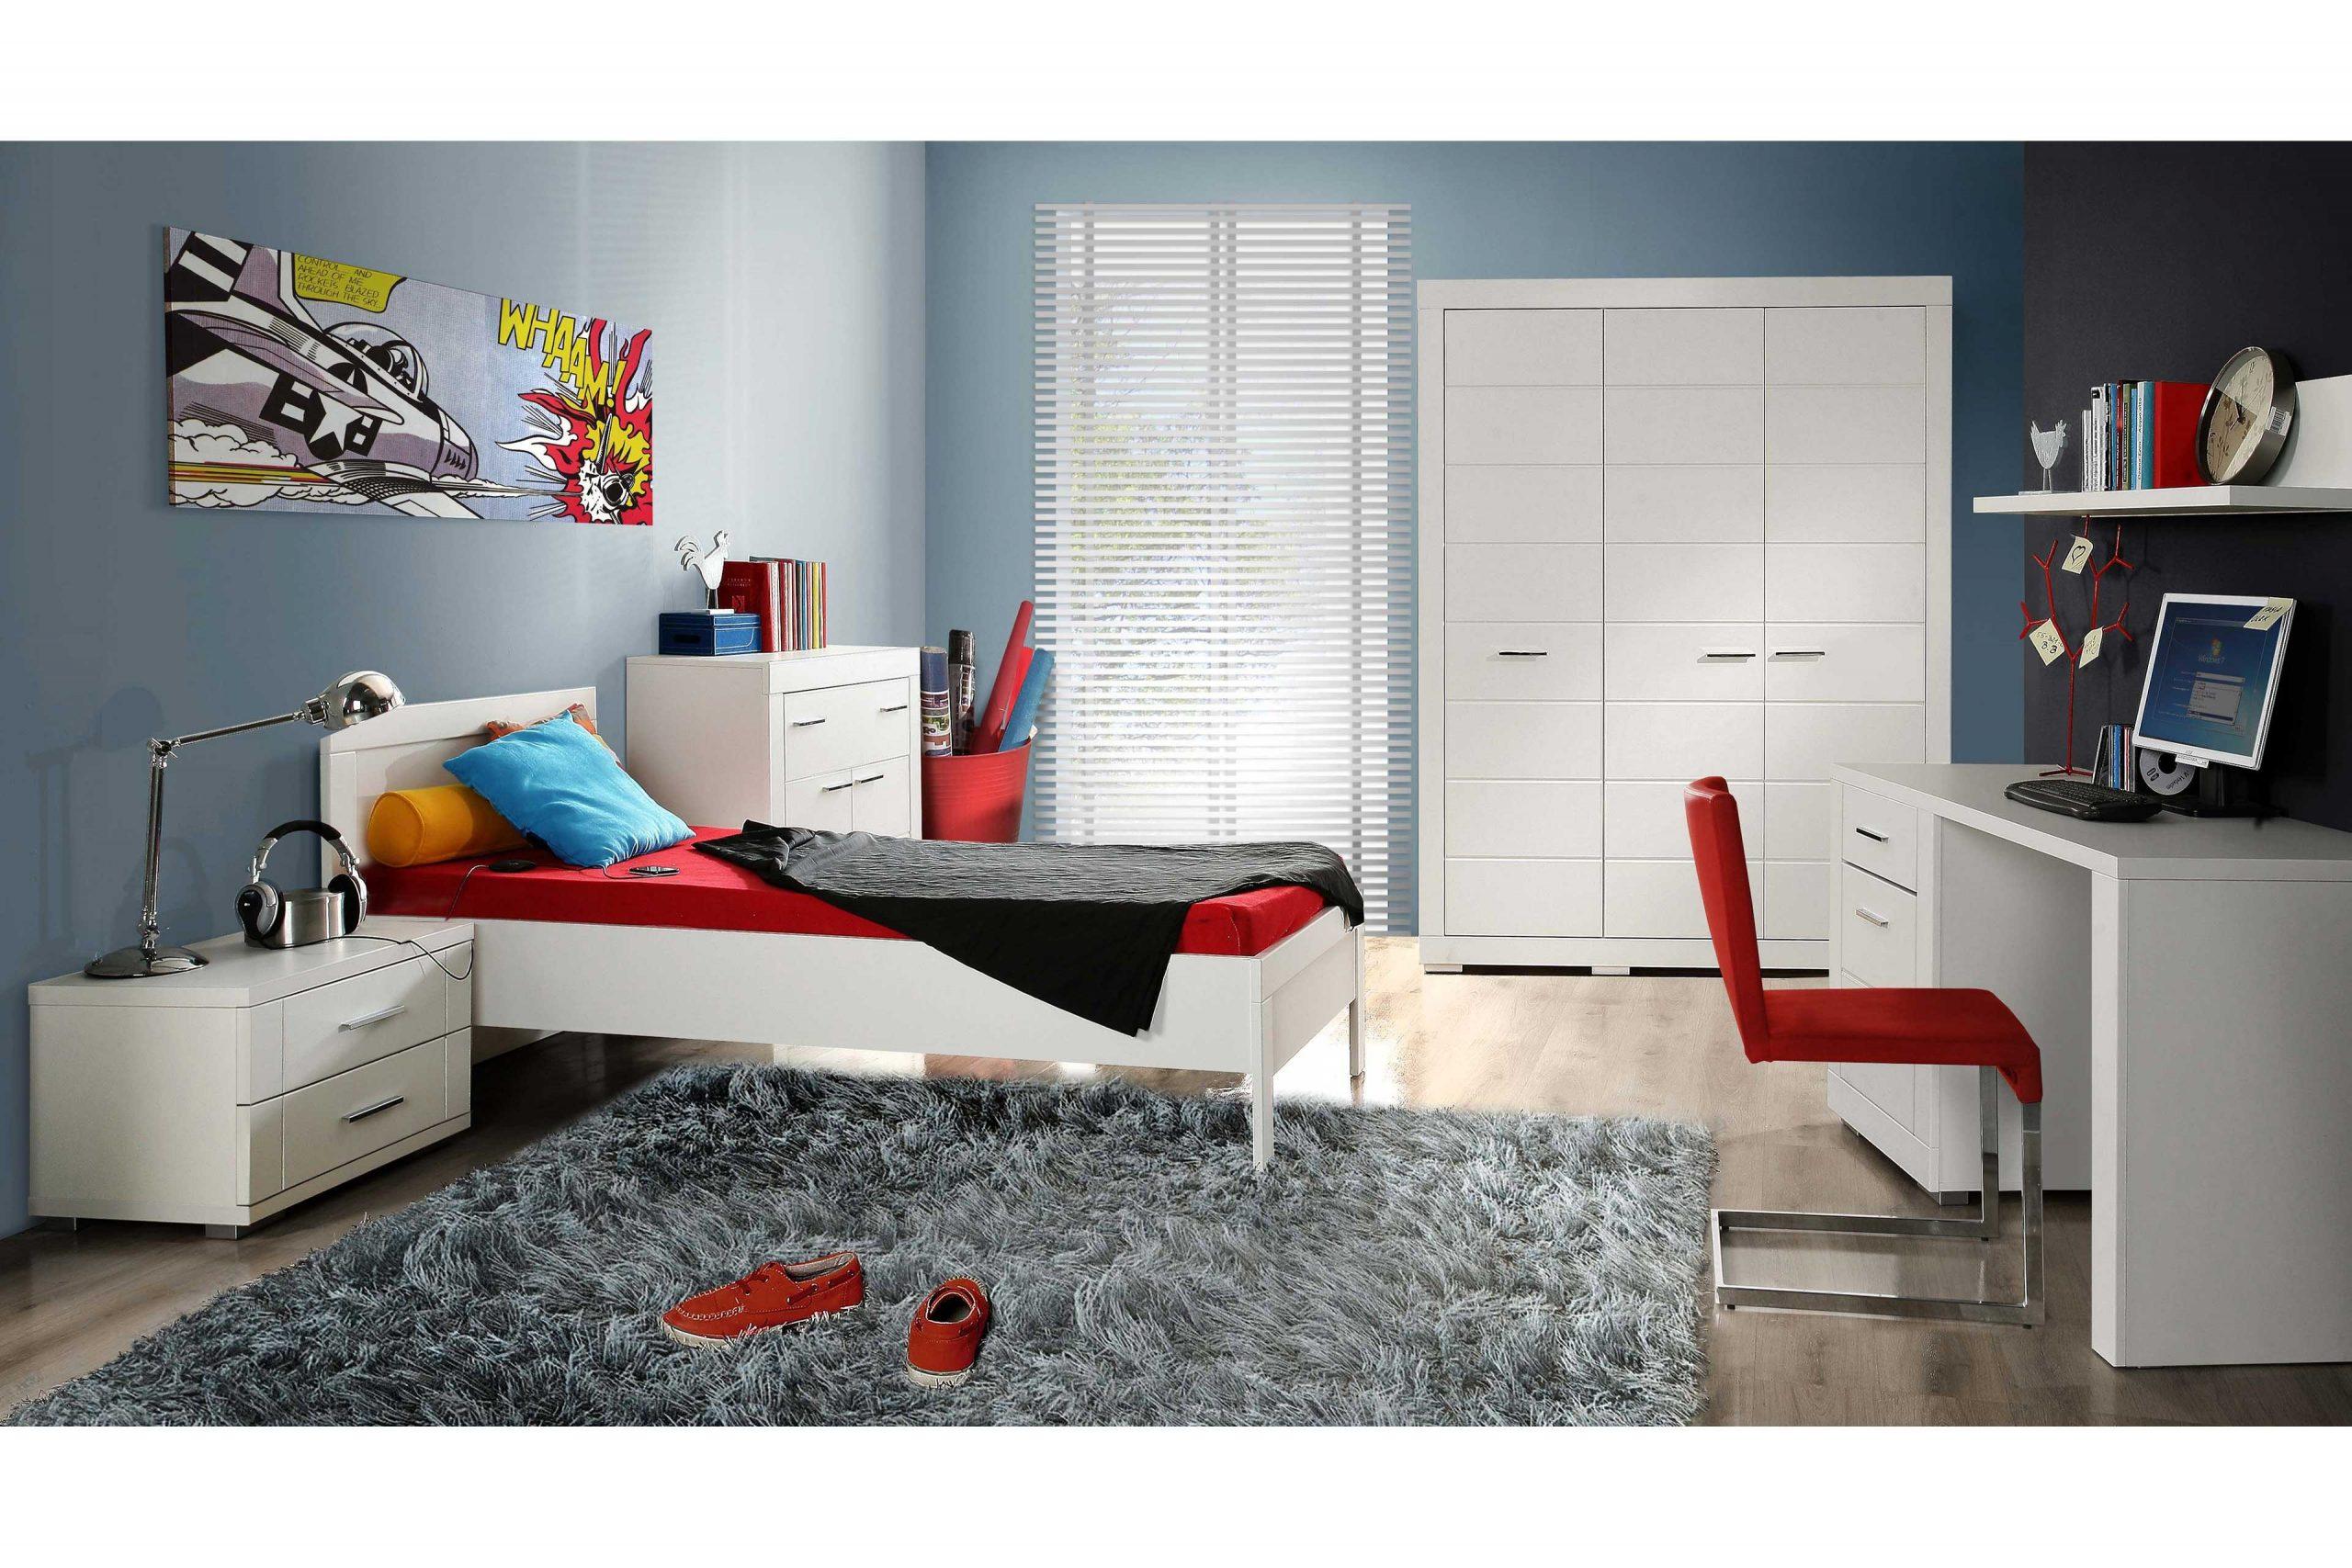 Full Size of Jugendzimmer Bett Snow Von Forte 2 Teiliges Wei Matt Mbel Letz Weiß 140x200 Außergewöhnliche Betten Günstig Kaufen Ausklappbares 160x200 Schlafzimmer Set Bett Jugendzimmer Bett